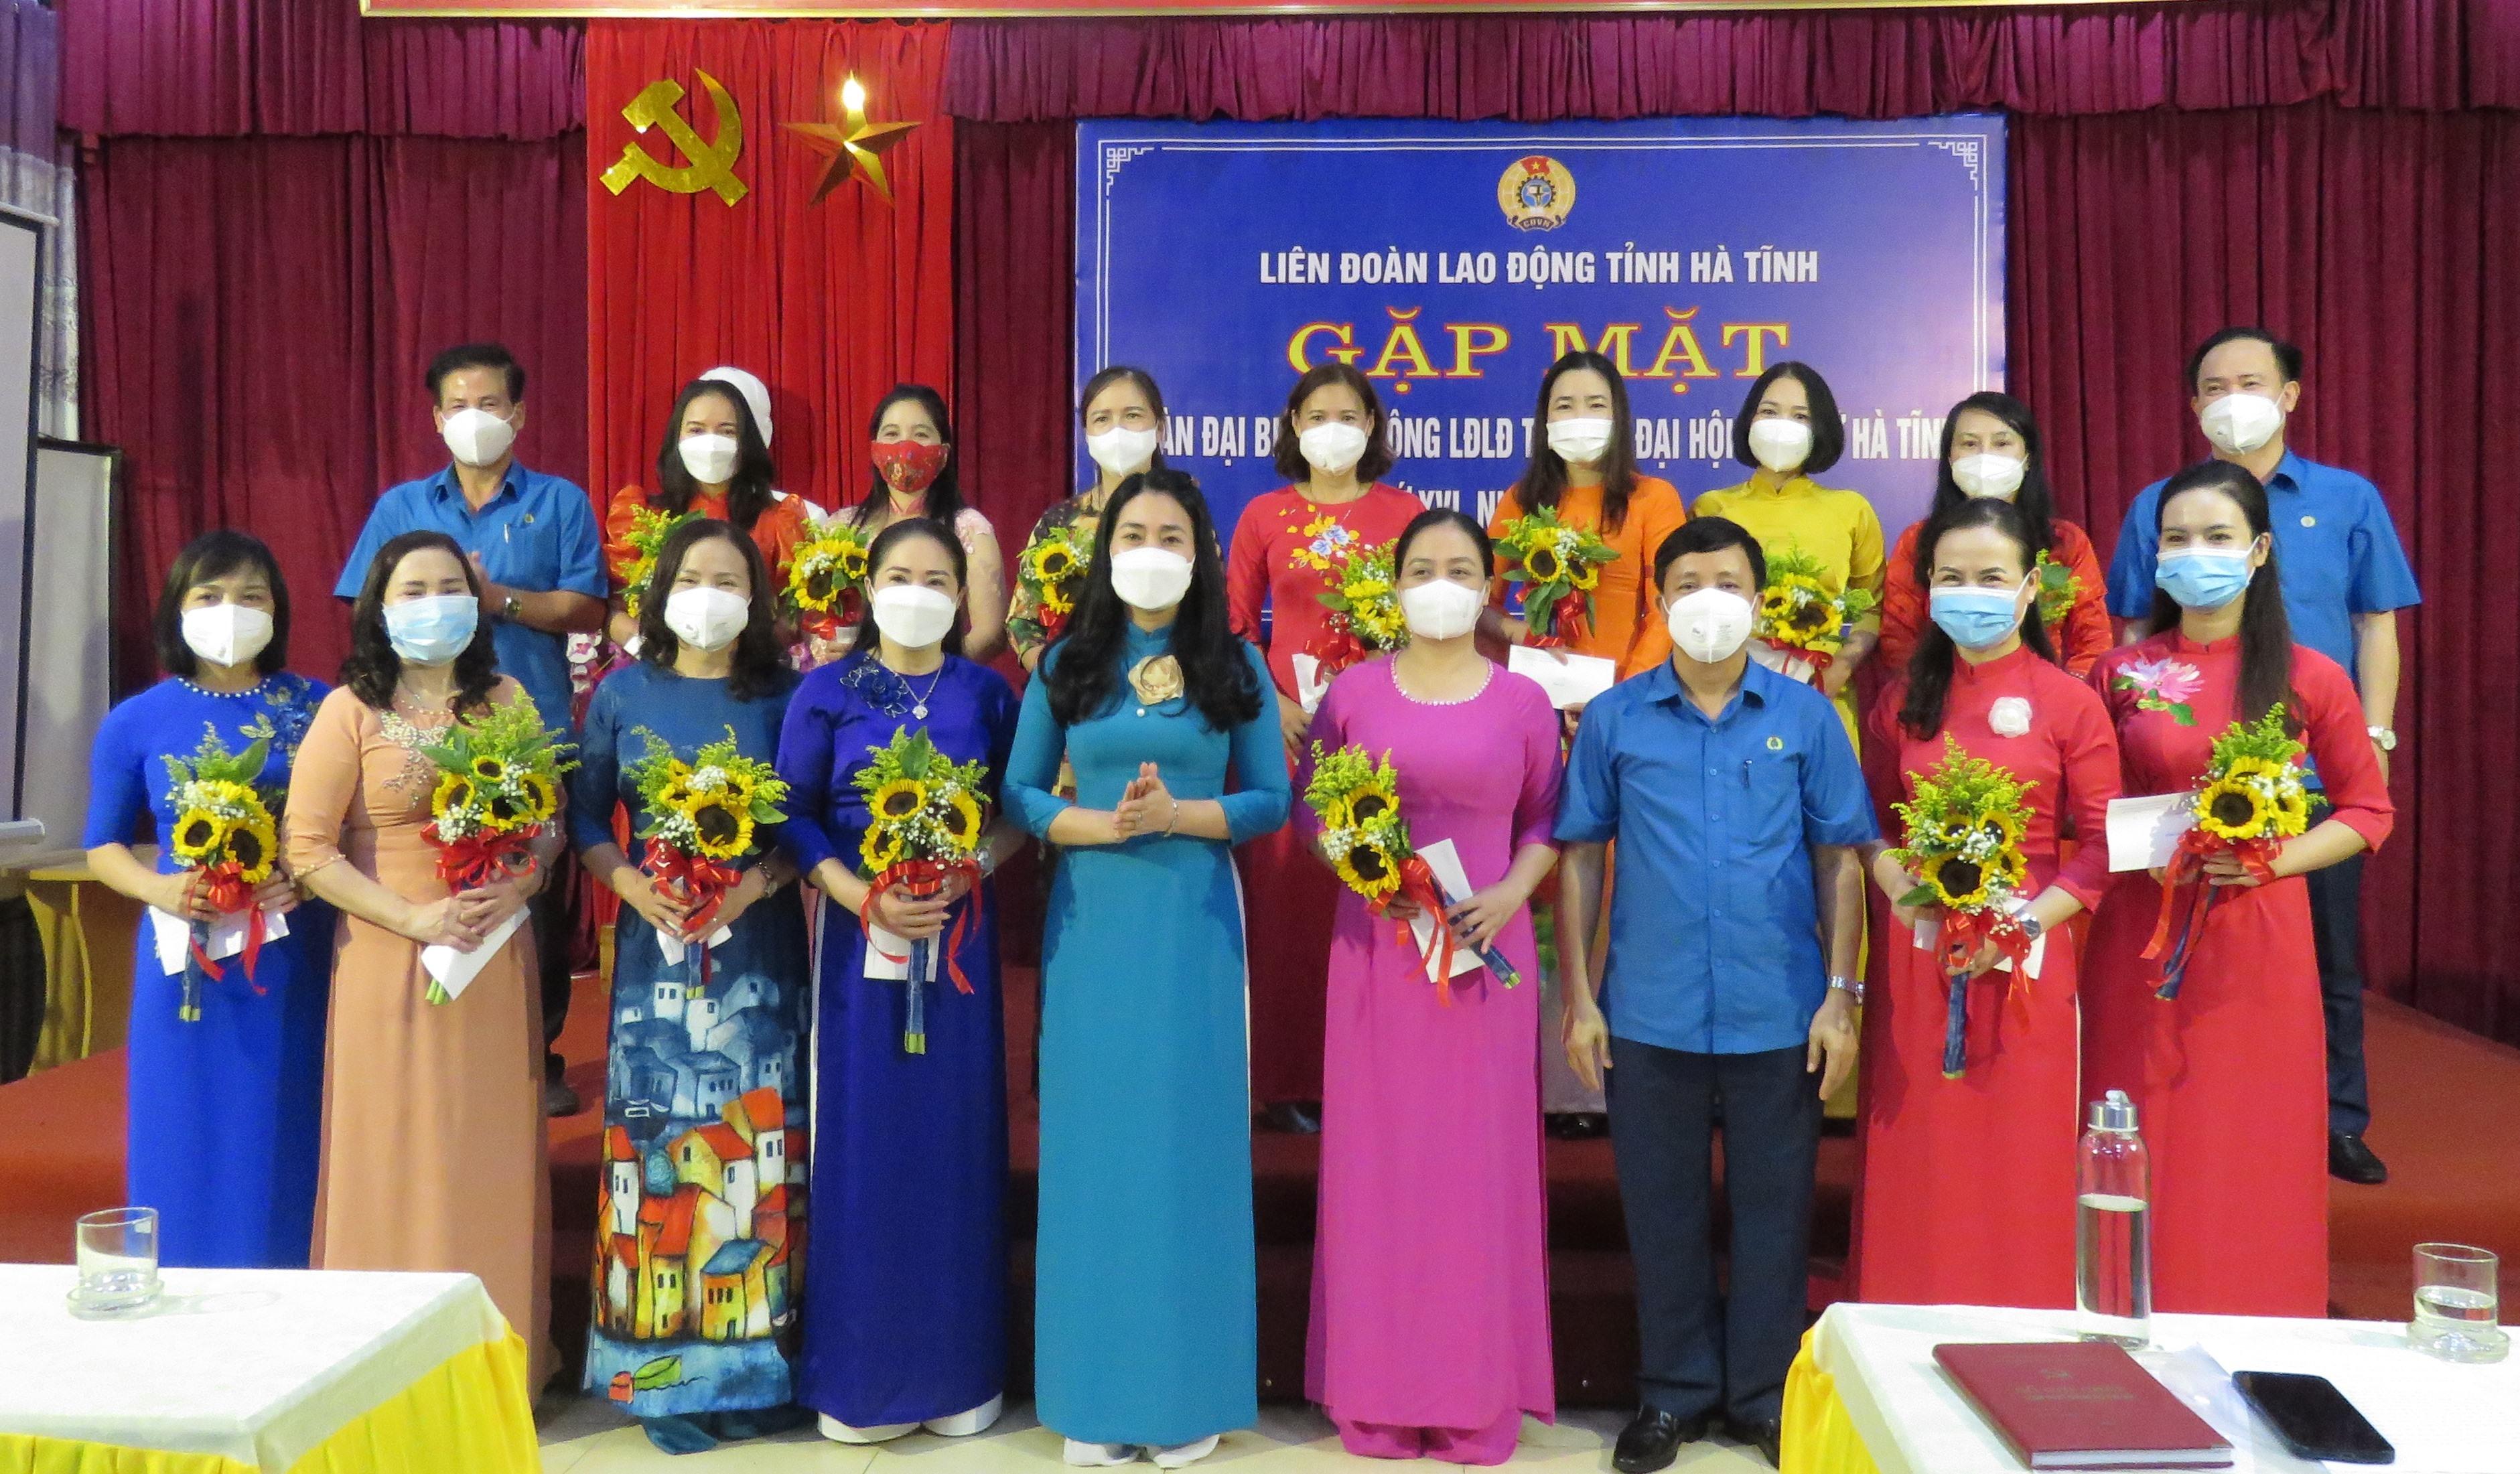 Gặp mặt Đoàn đại biểu Nữ công LĐLĐ tỉnh dự Đại hội Đại biểu Phụ nữ tỉnh lần thứ XVI, nhiệm kỳ 2021 - 2026